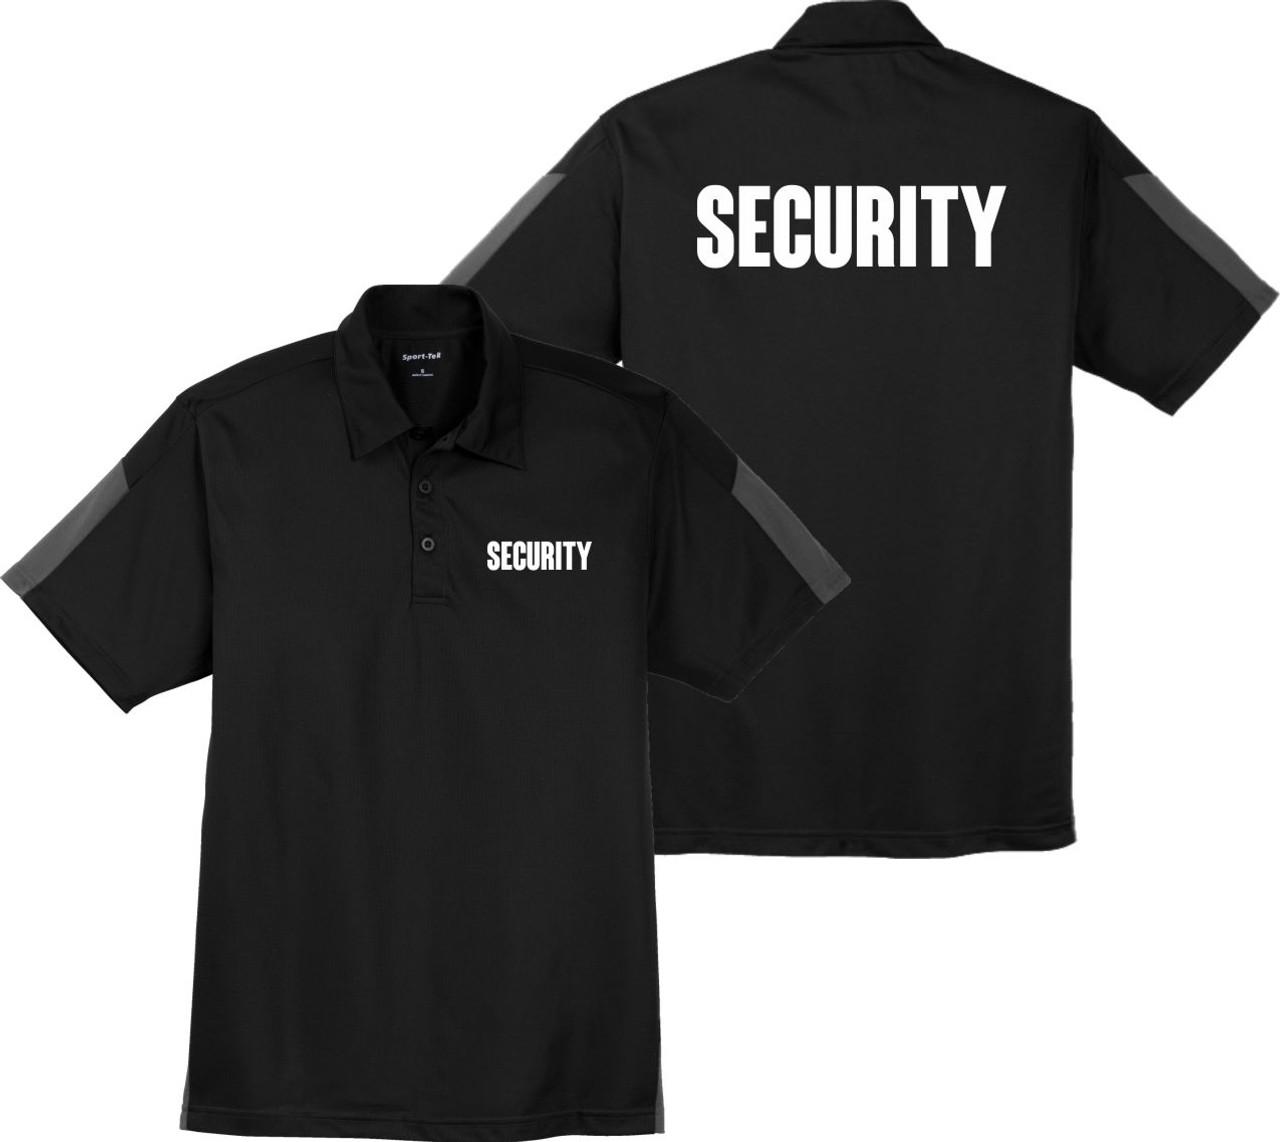 Black Security Polo